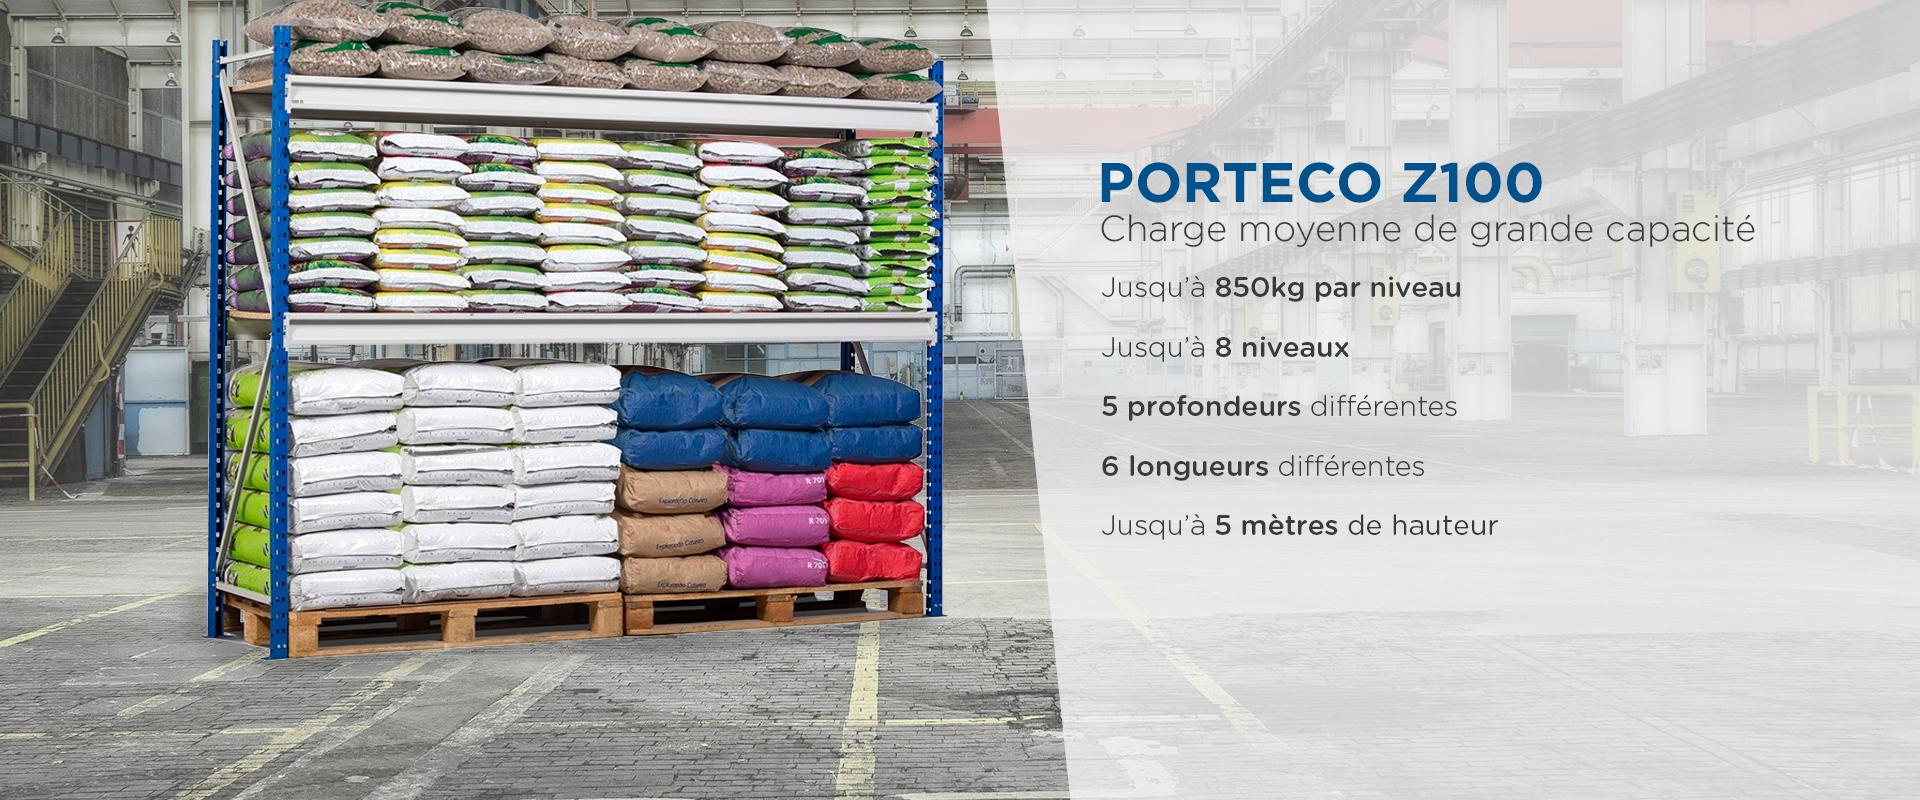 Porteco_z100_fr